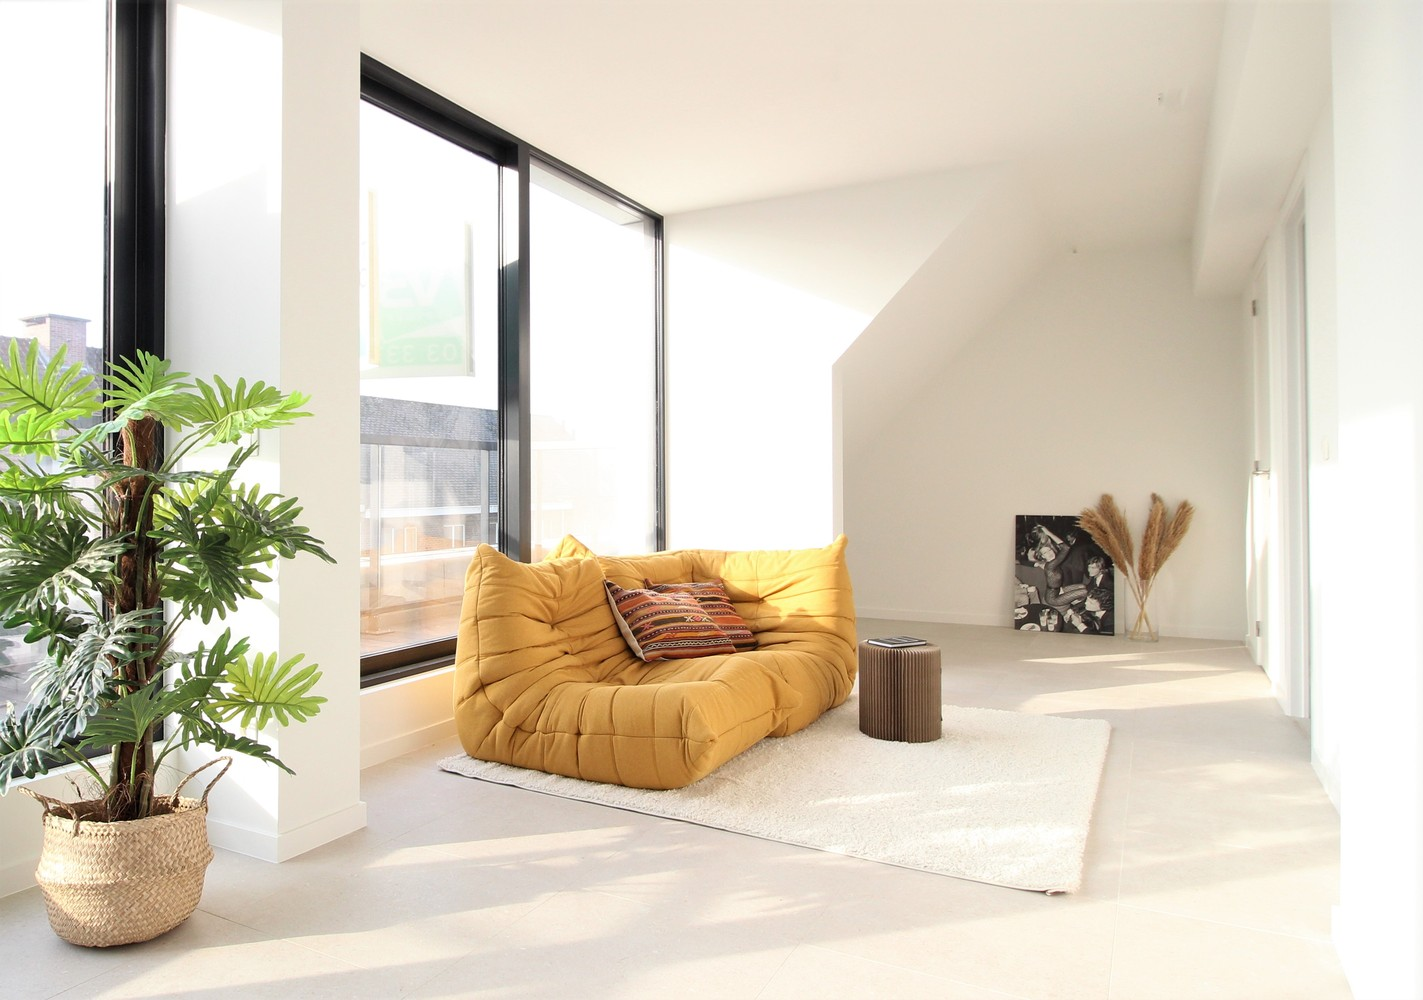 Prachtig penthouse met 2 slaapkamers en 2 terrassen op toplocatie in het centrum van Wommelgem afbeelding 1